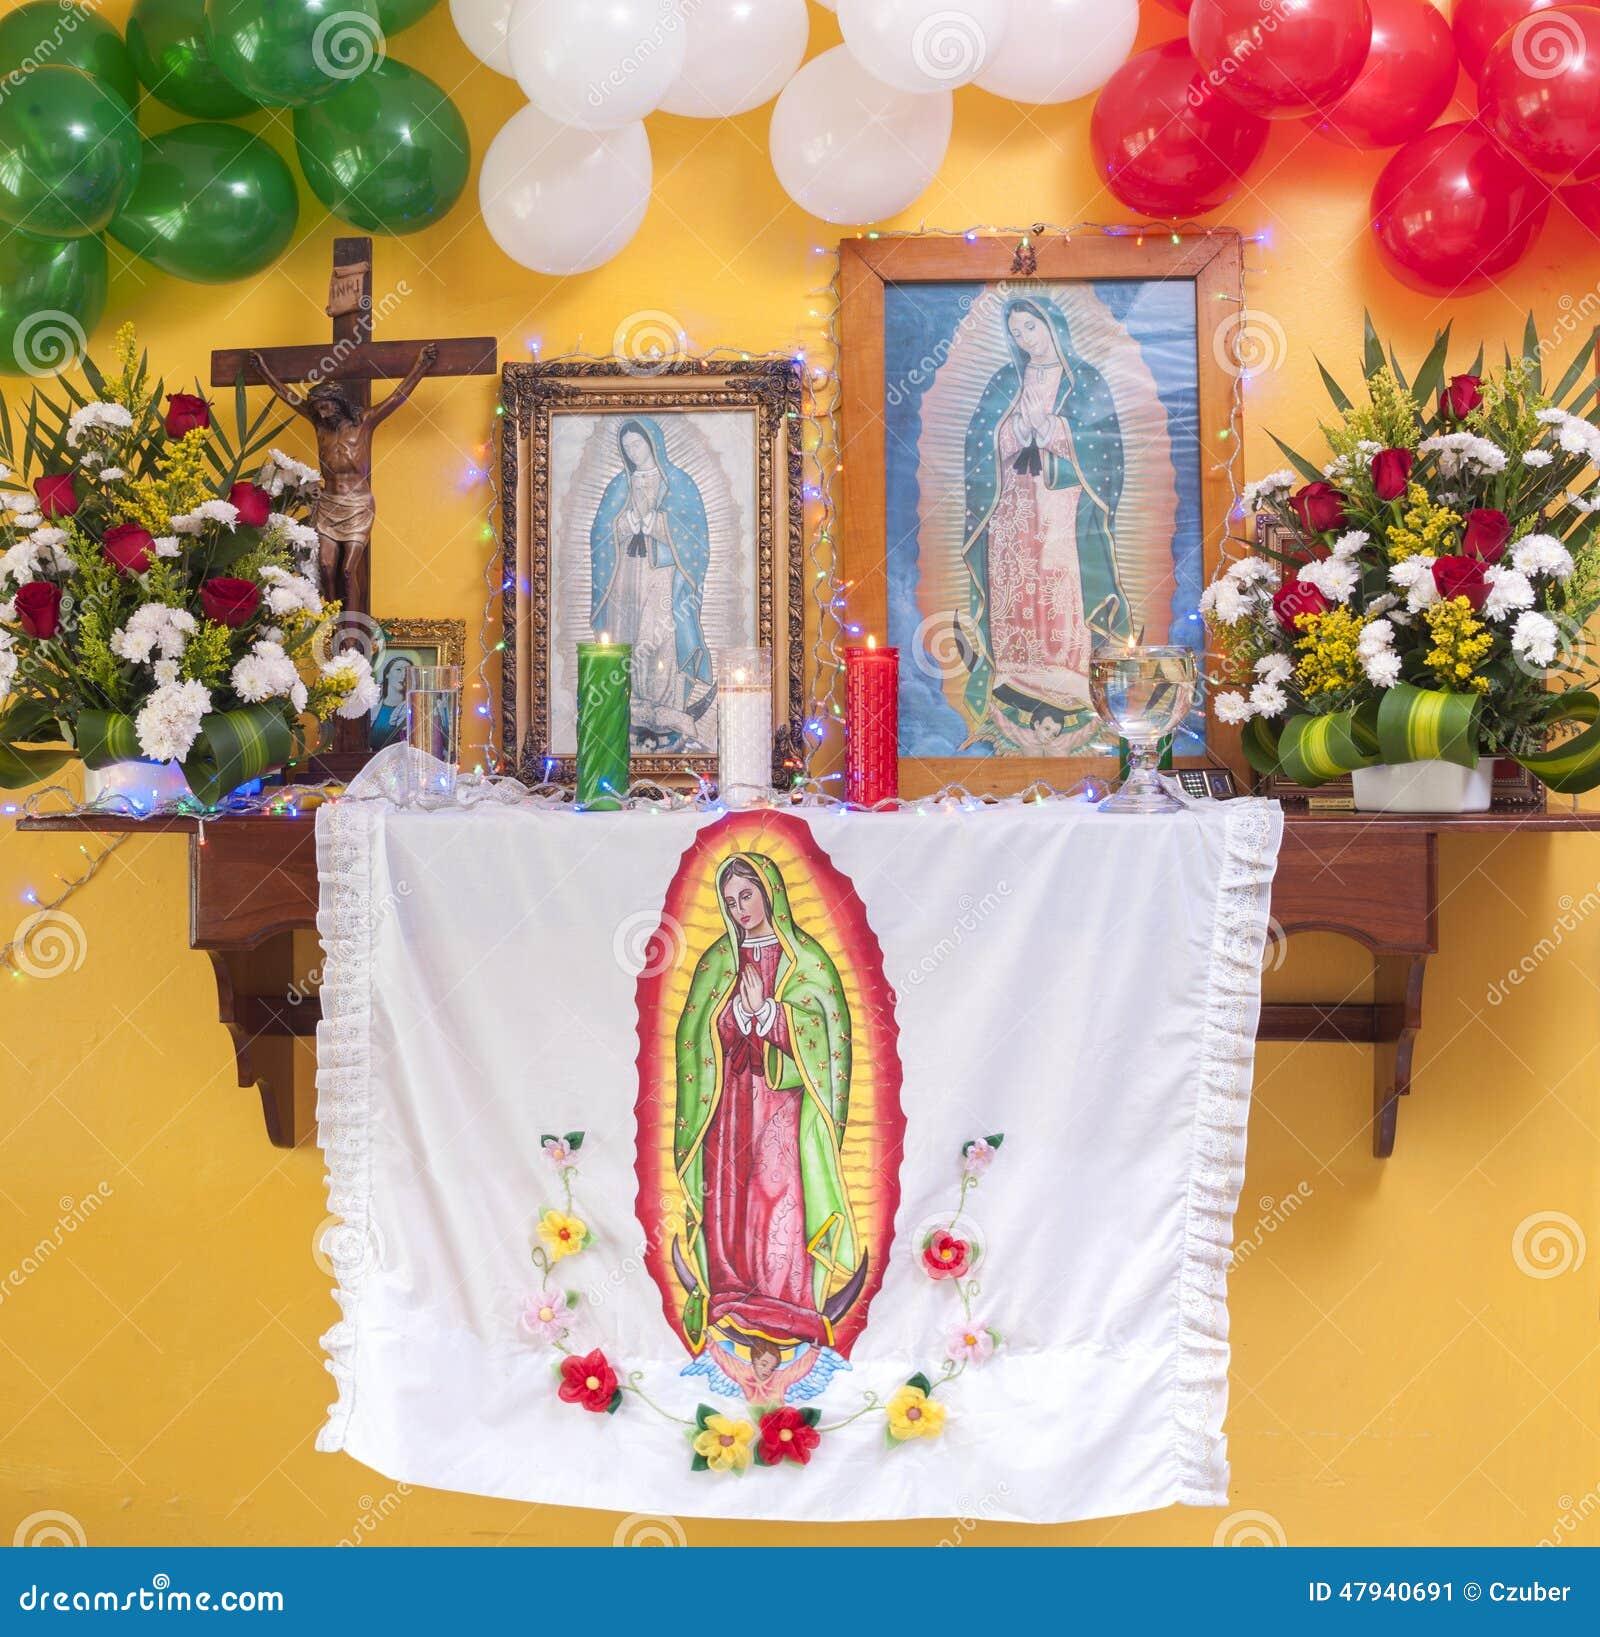 Decoracion Altar Para La Virgen ~   de la bandera mexicana para conmemorar la aparici?n de nuestra